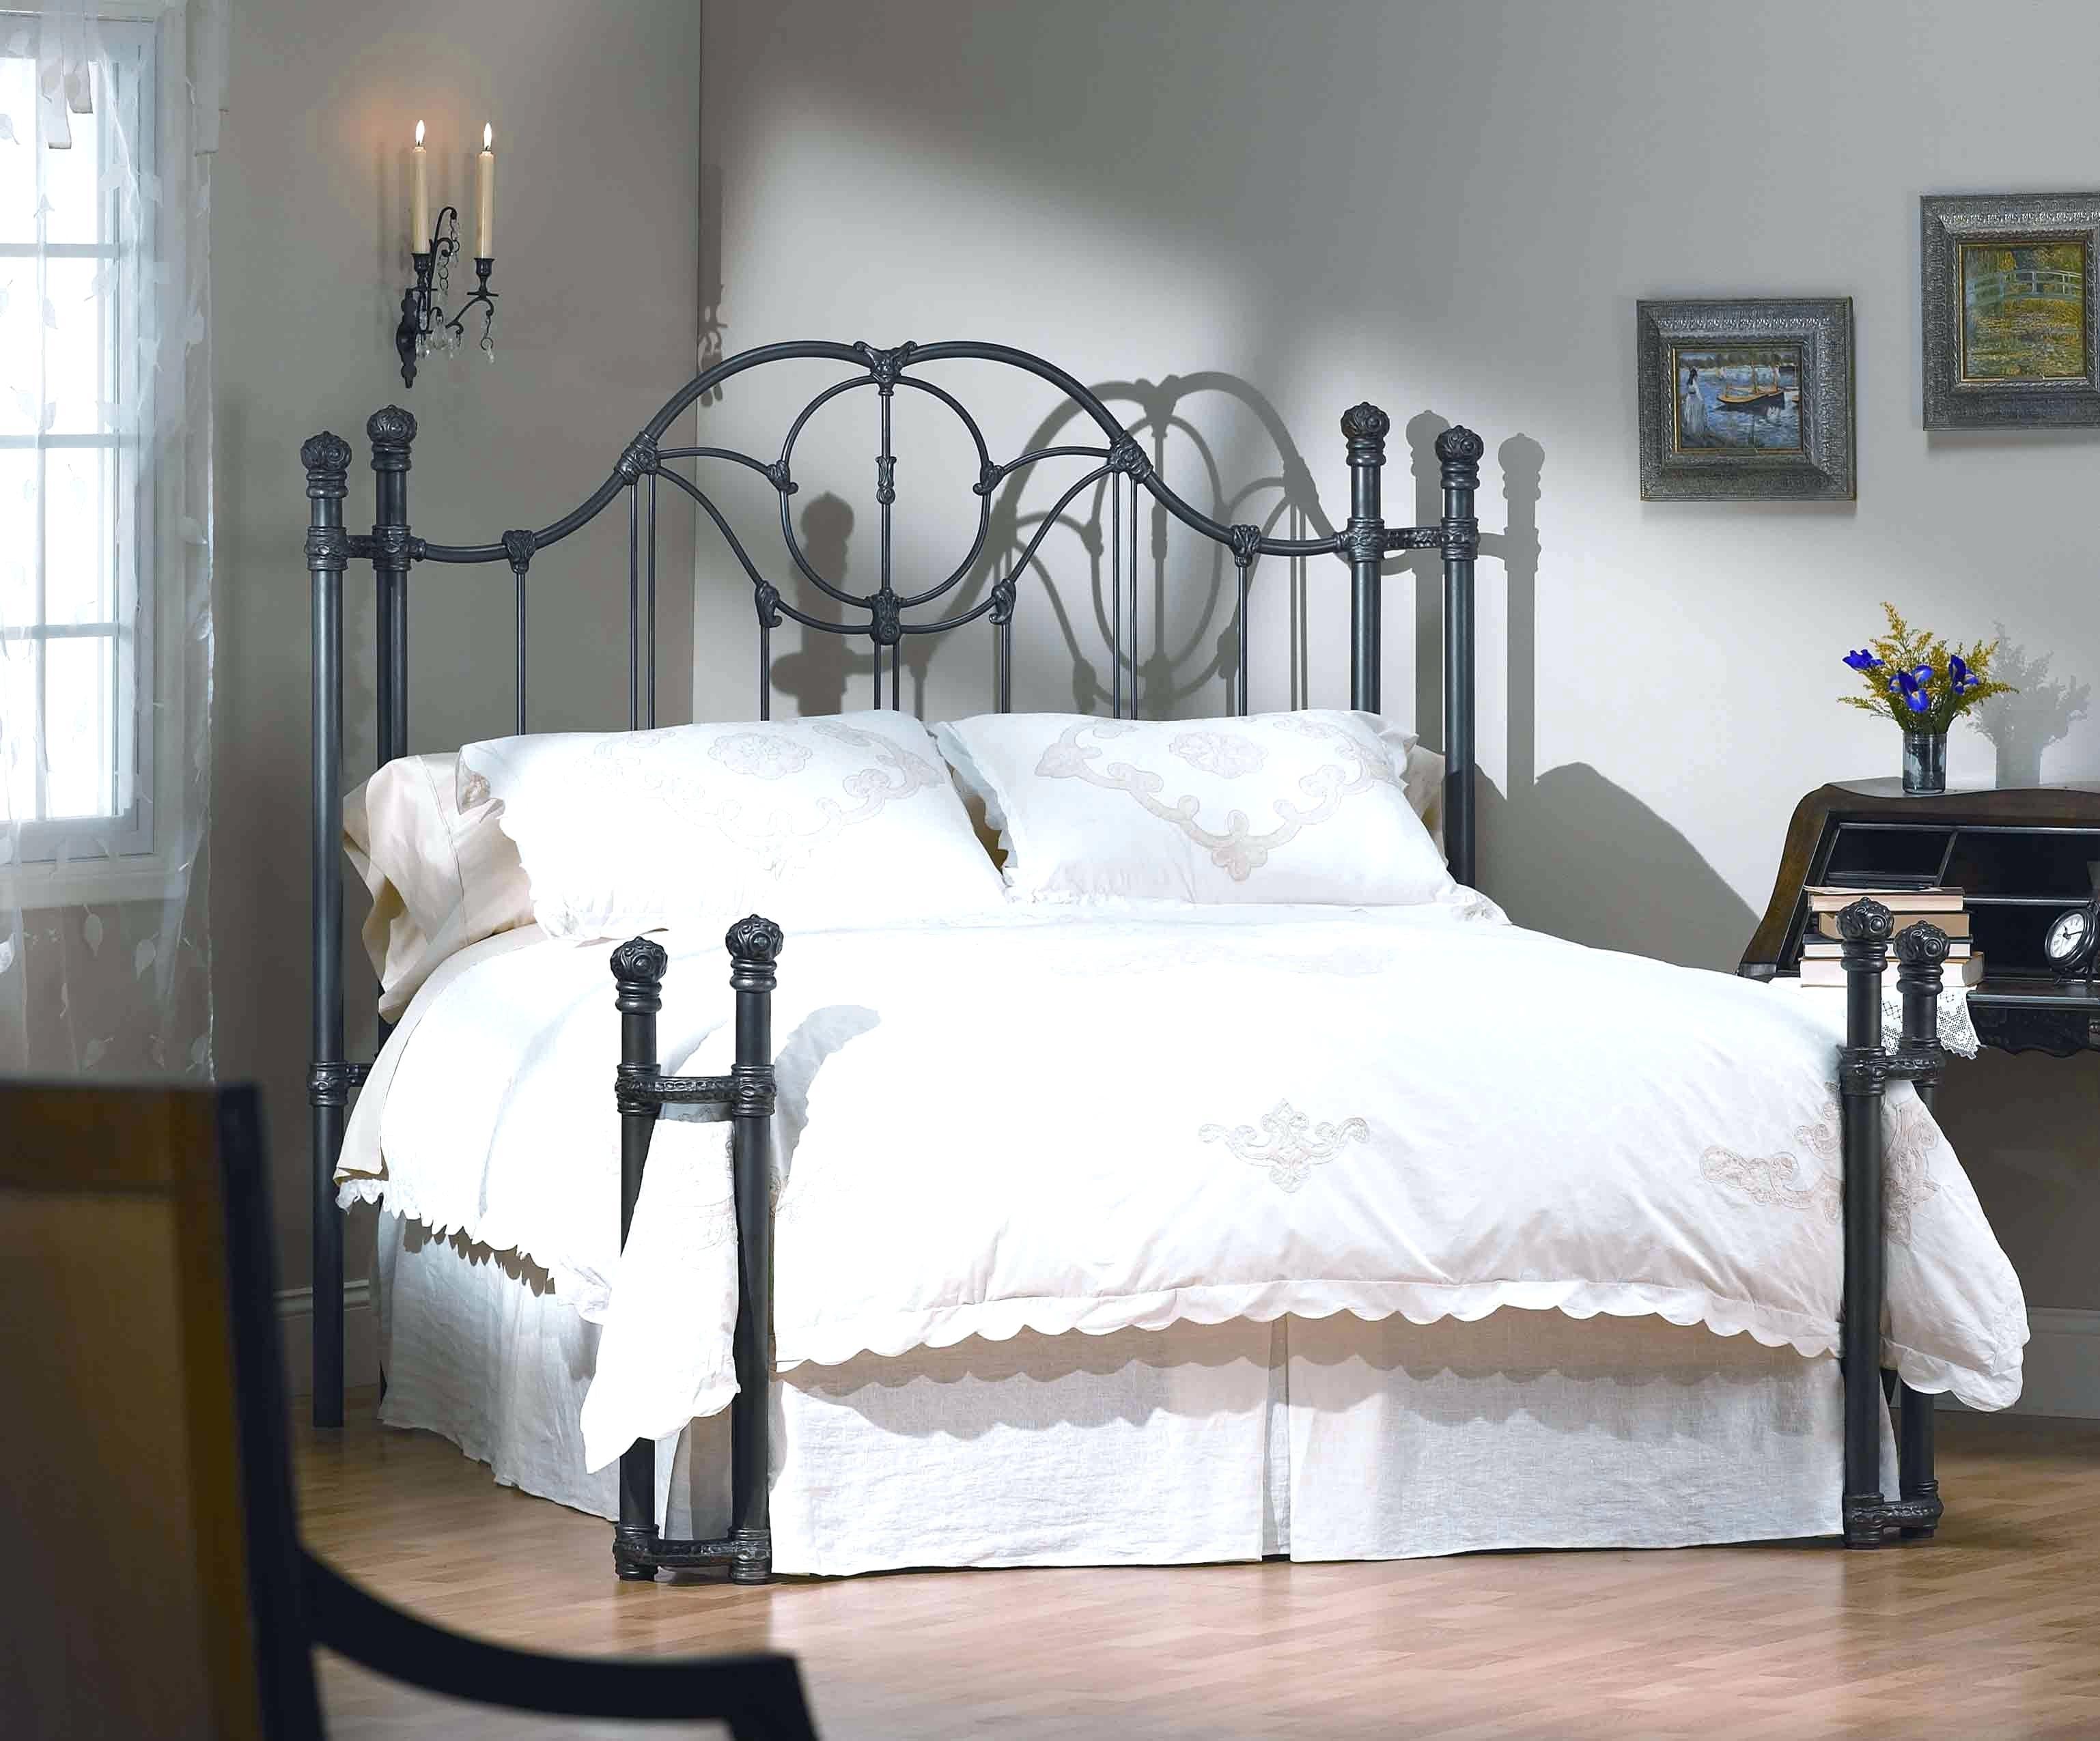 Кованые кровати – актуальные модели и применение в современных интерьерах (115 фото)